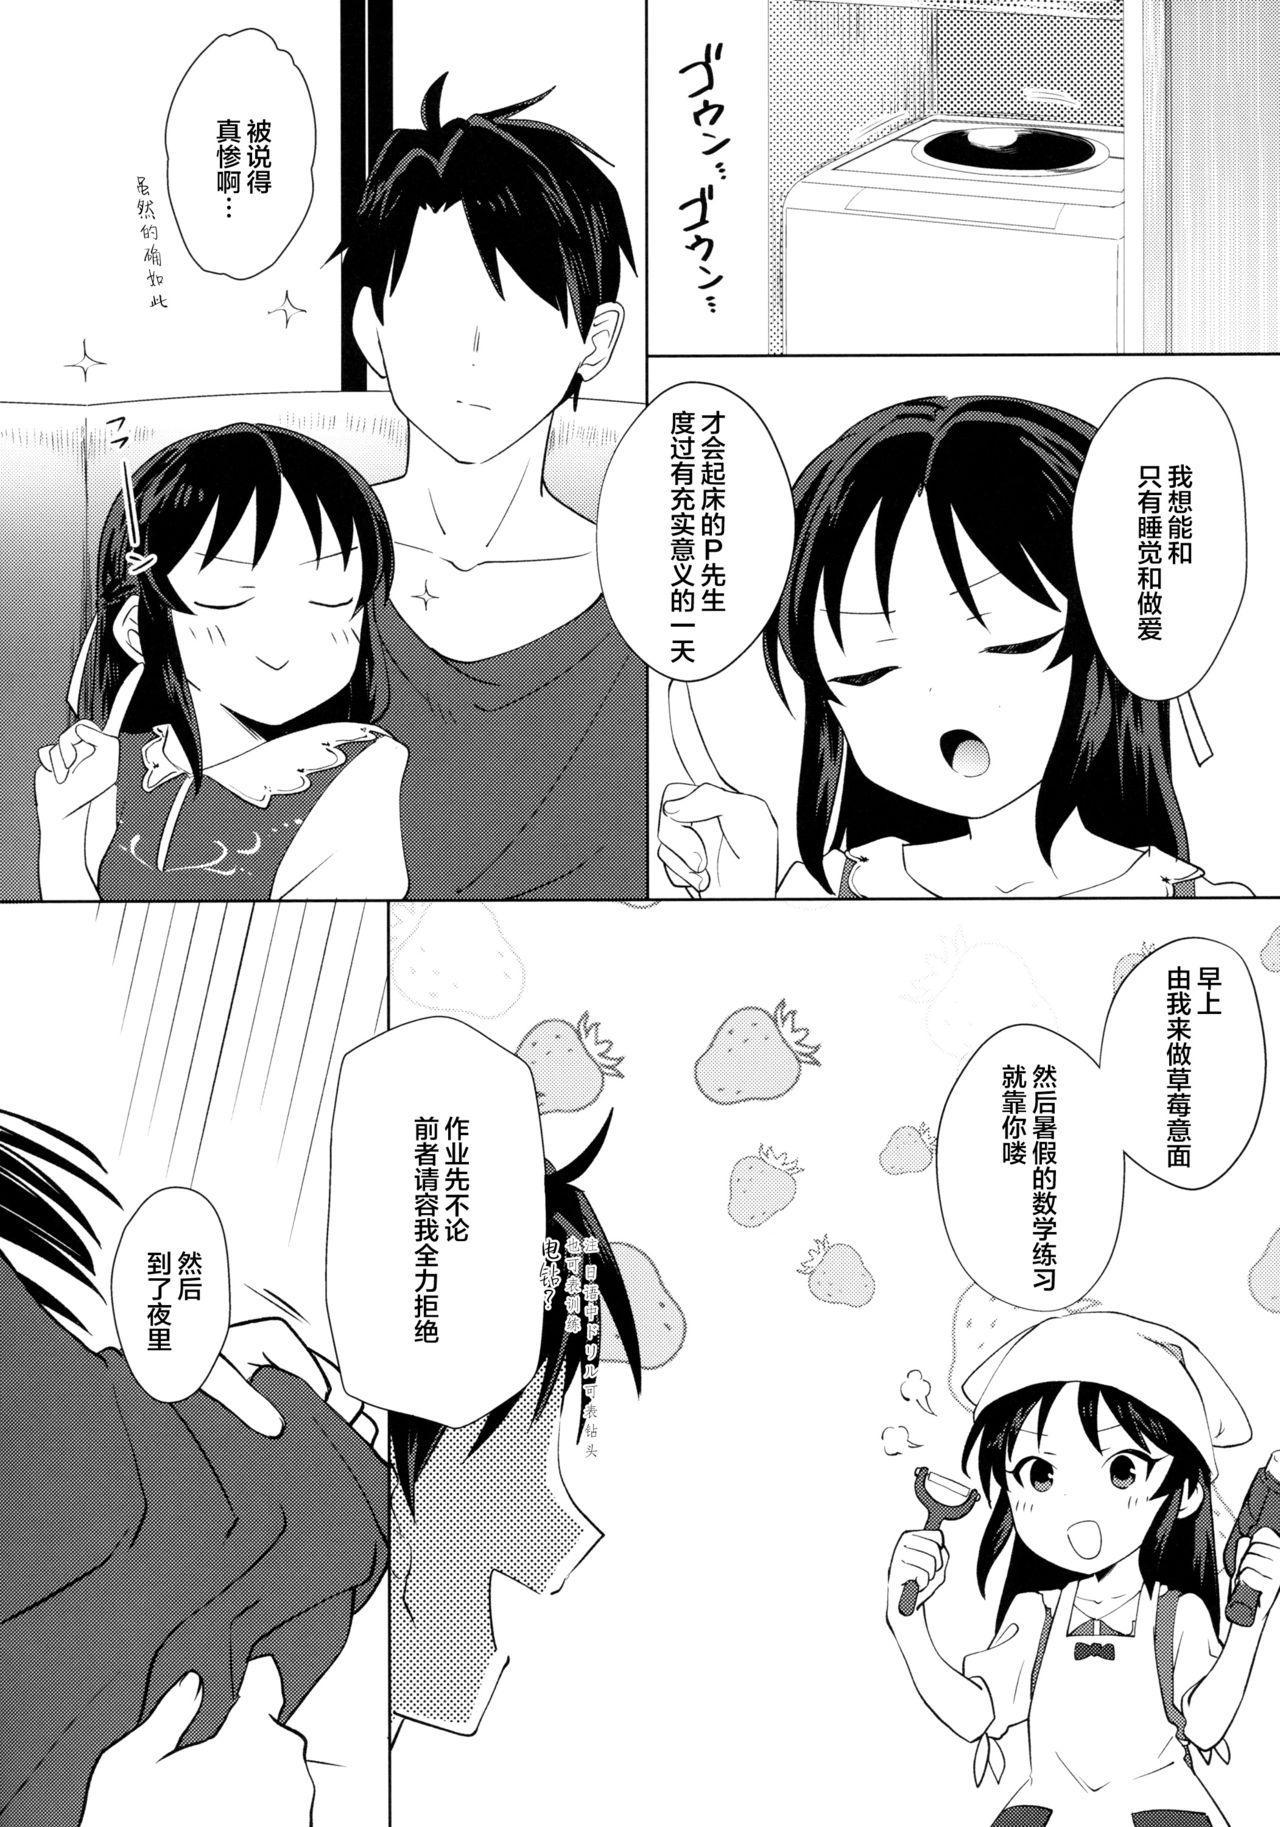 Tachibana Arisu wa Sunao ni Narenai 27